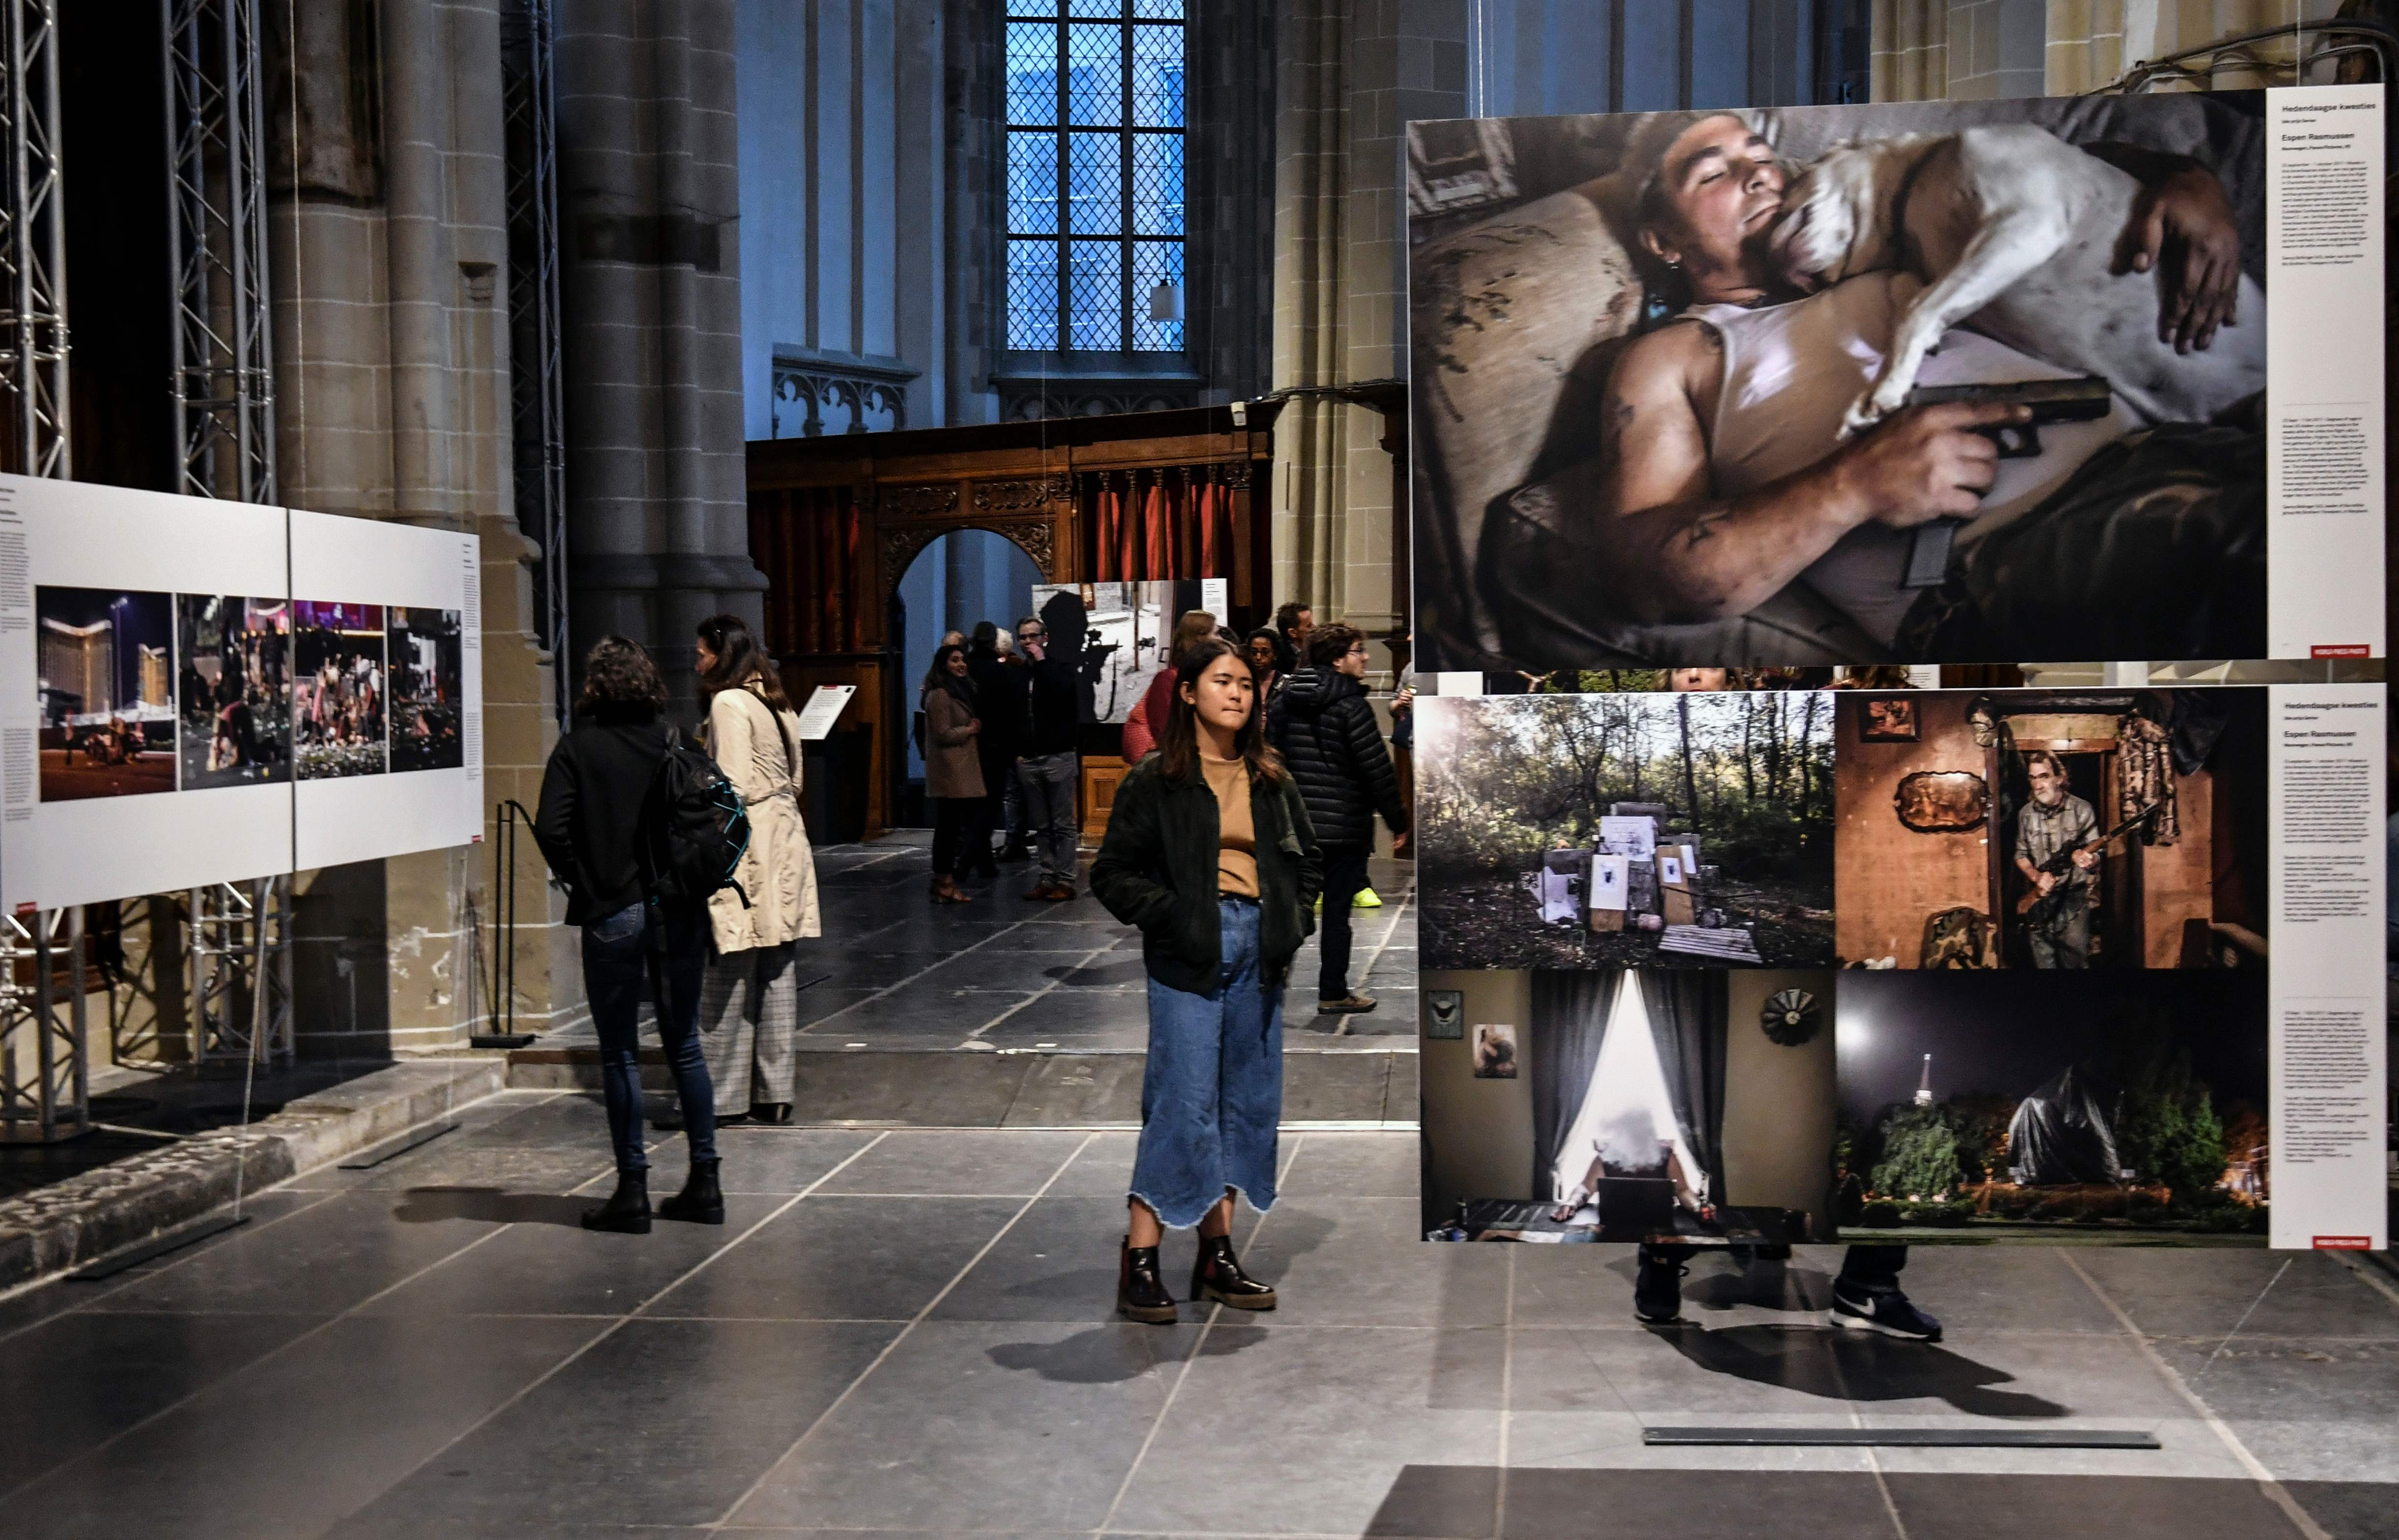 المعرض العالمى للصور الصحفية 2018 فى أمستردام